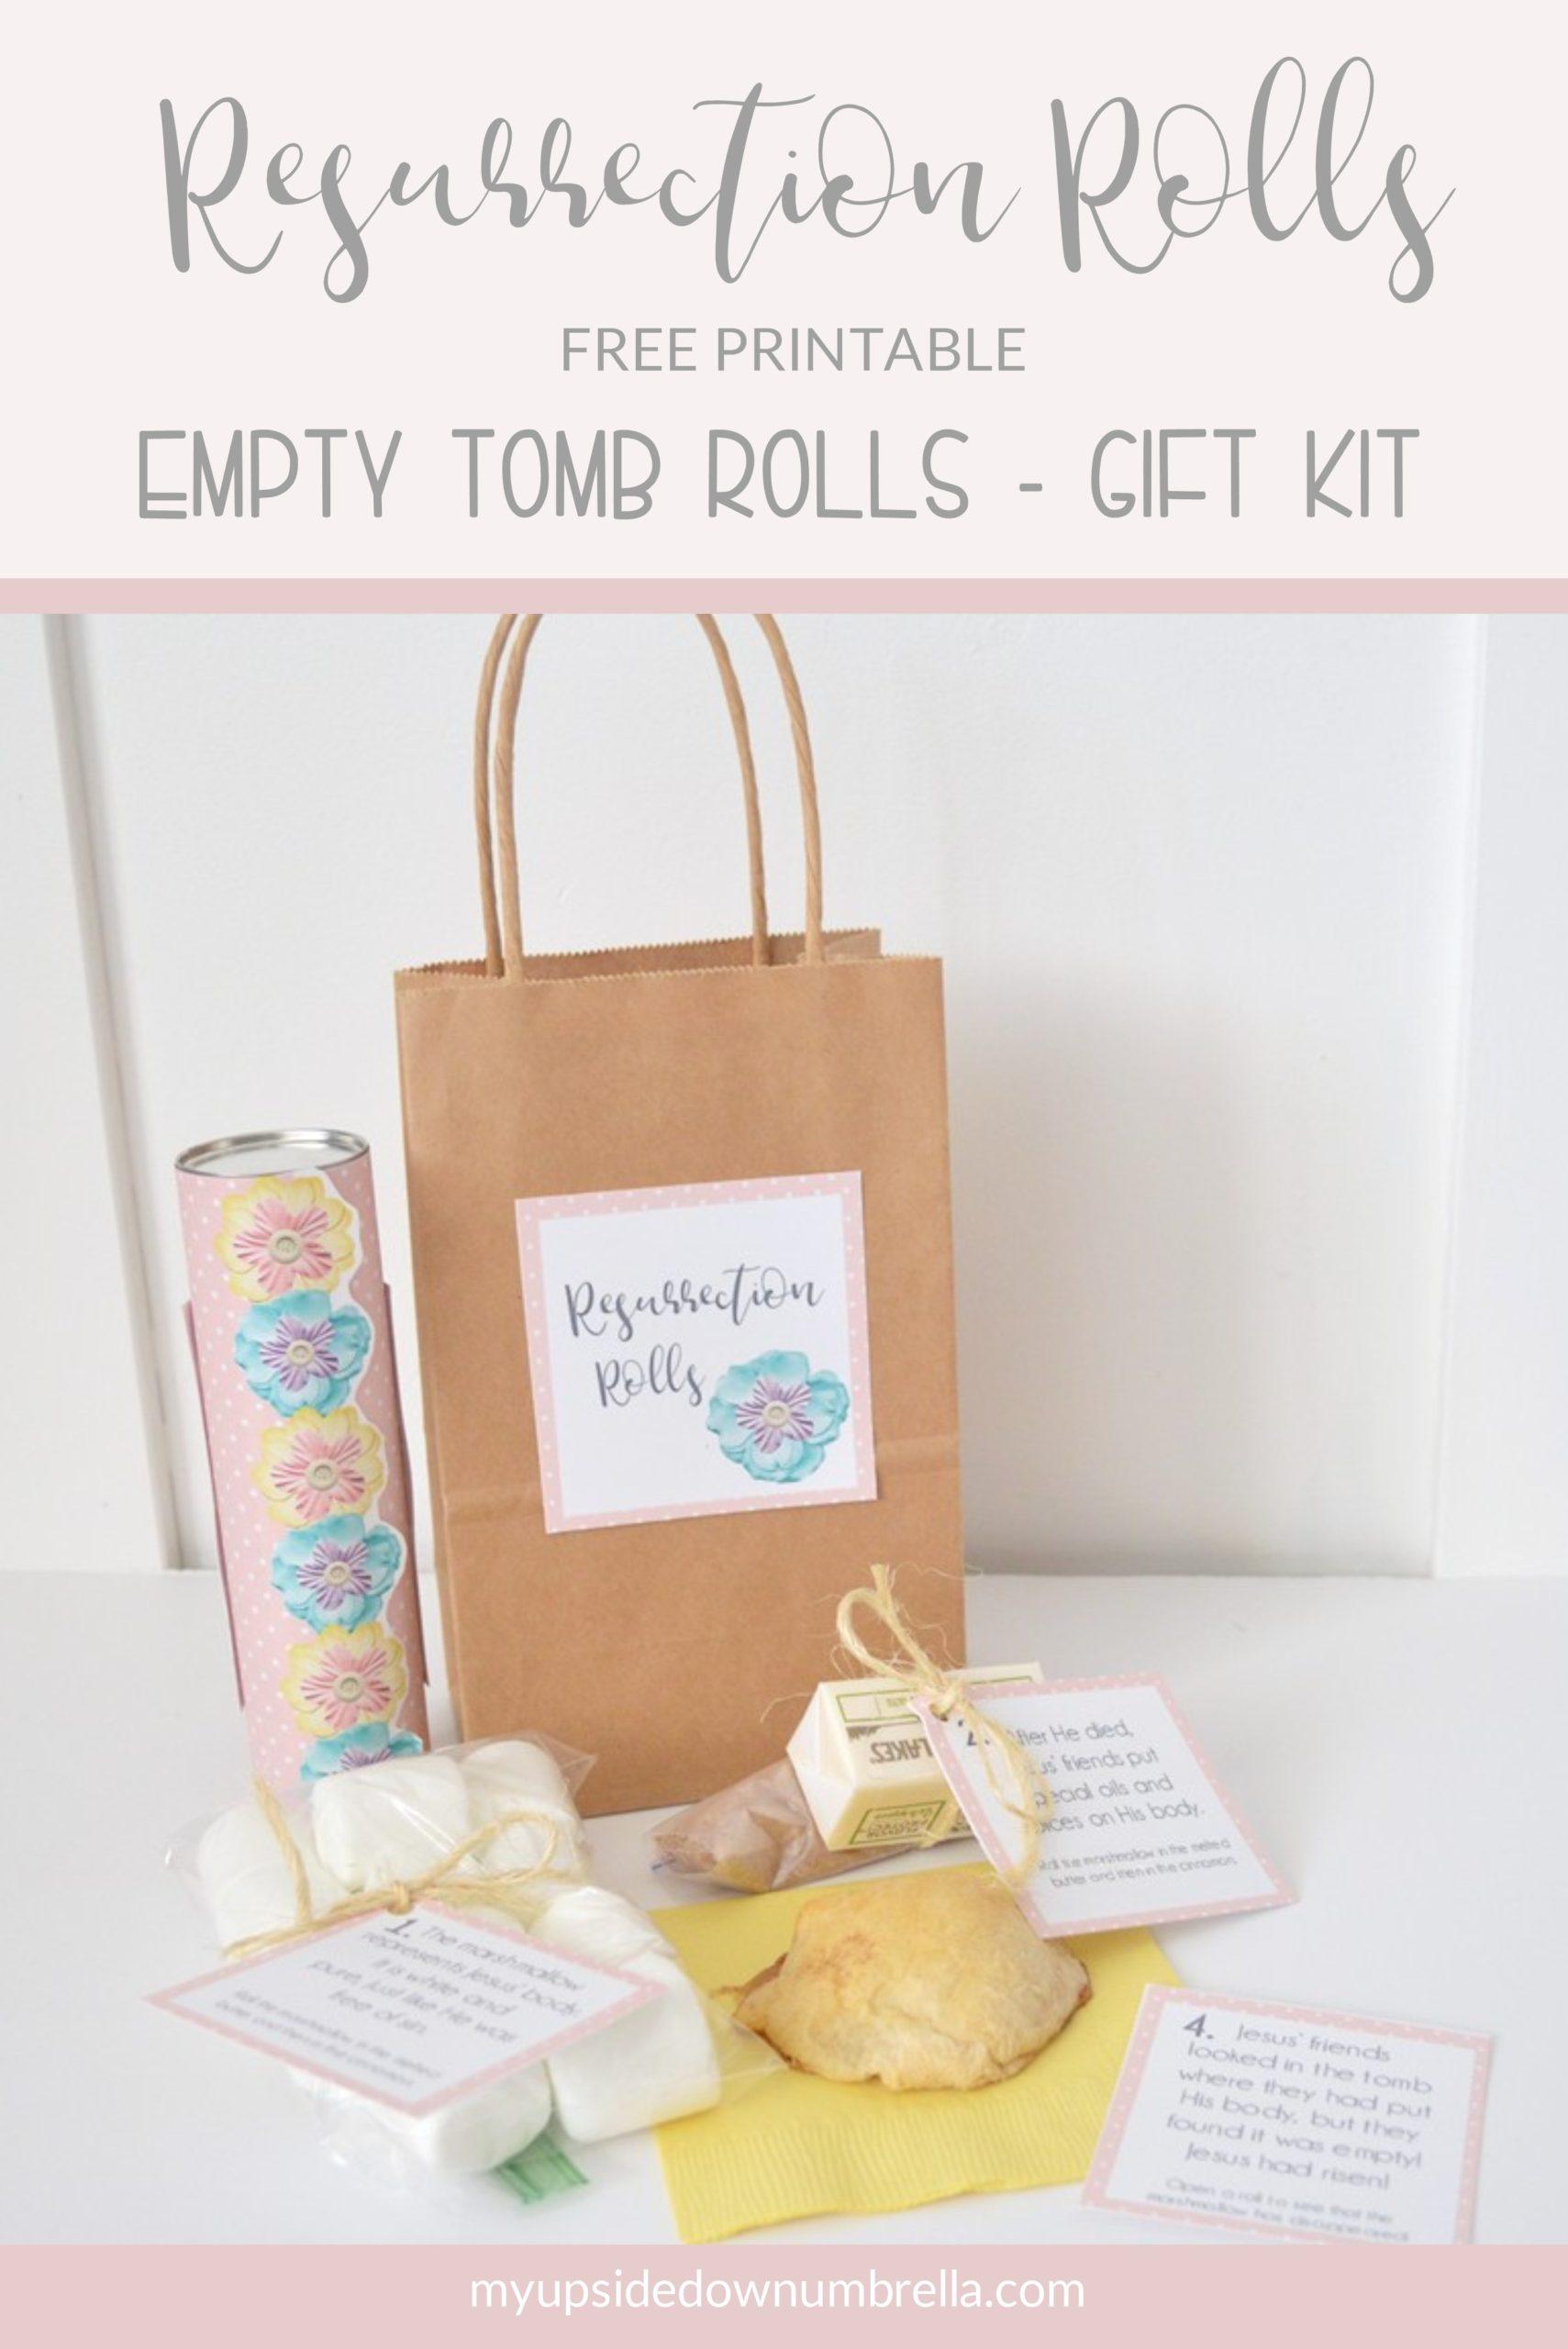 easter gift resurrection rolls kit